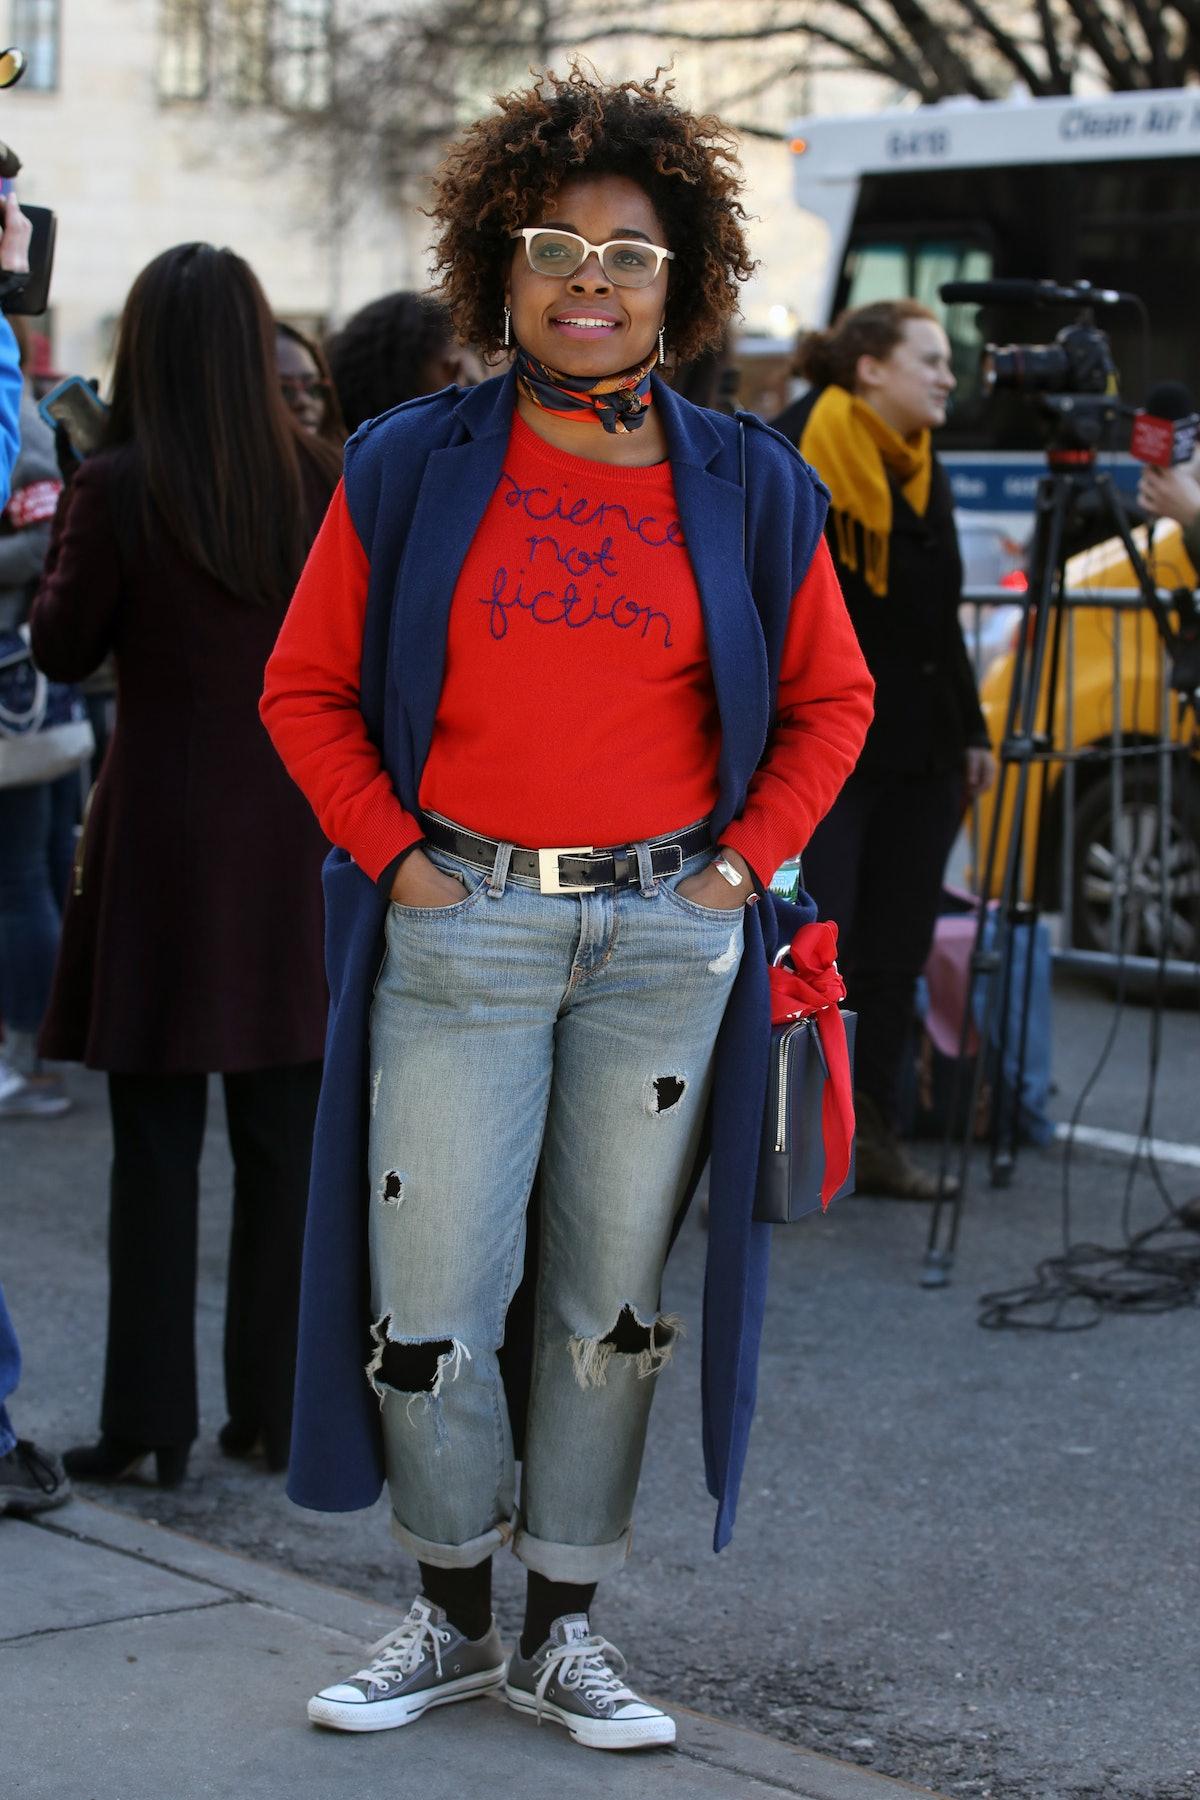 AngelaDatre_WMag_Women'sDayStrikeNYC-3.jpg